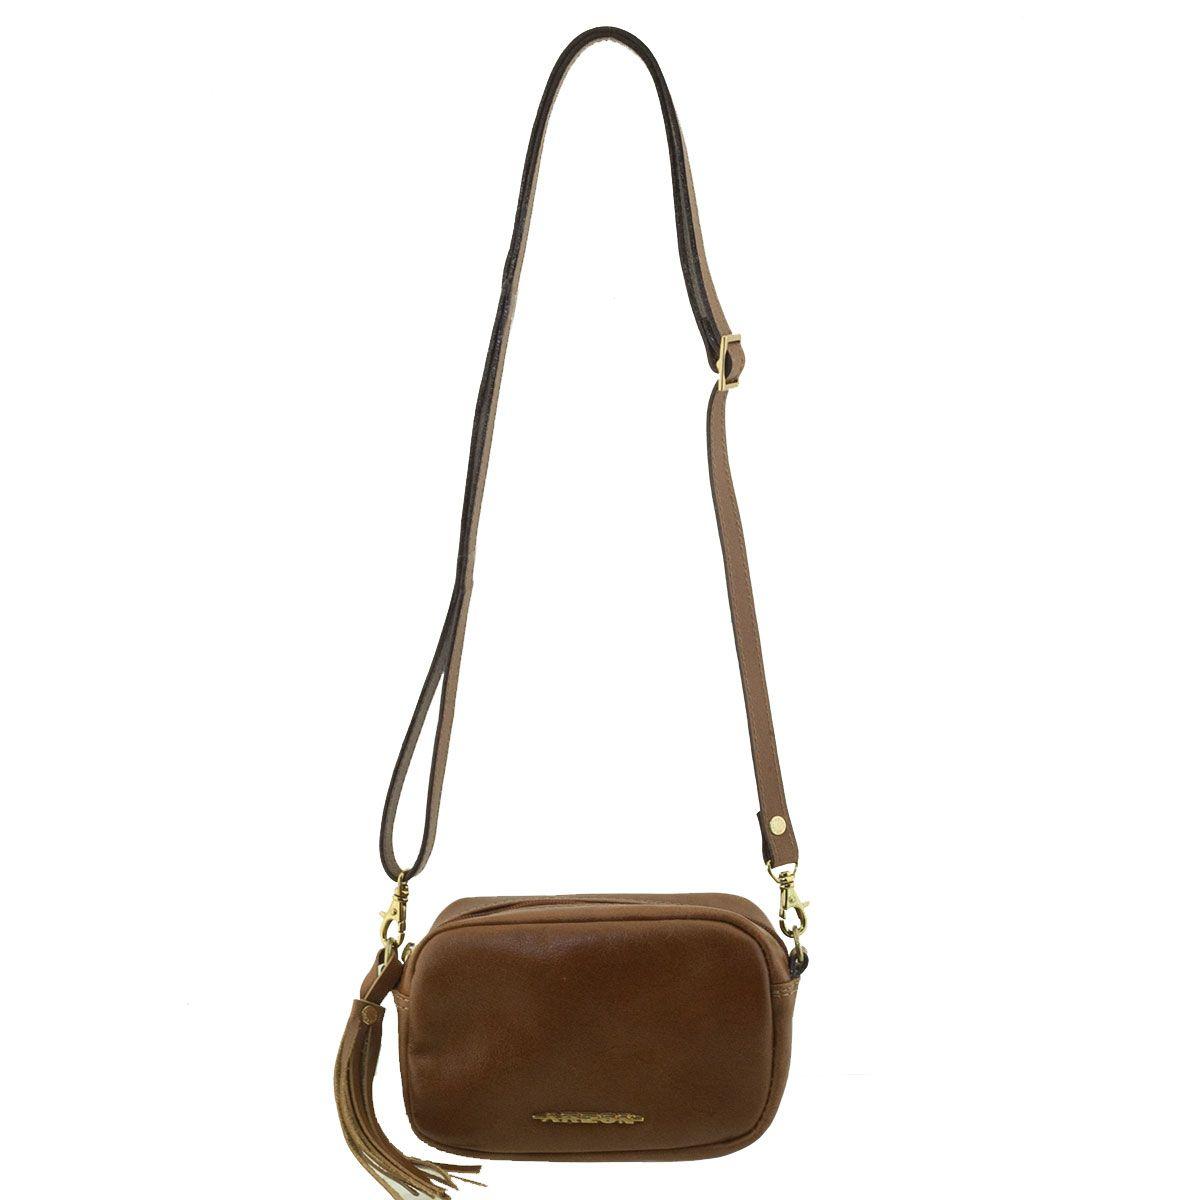 Bolsa De Couro Richards : Bolsa em couro tiracolo chocolate